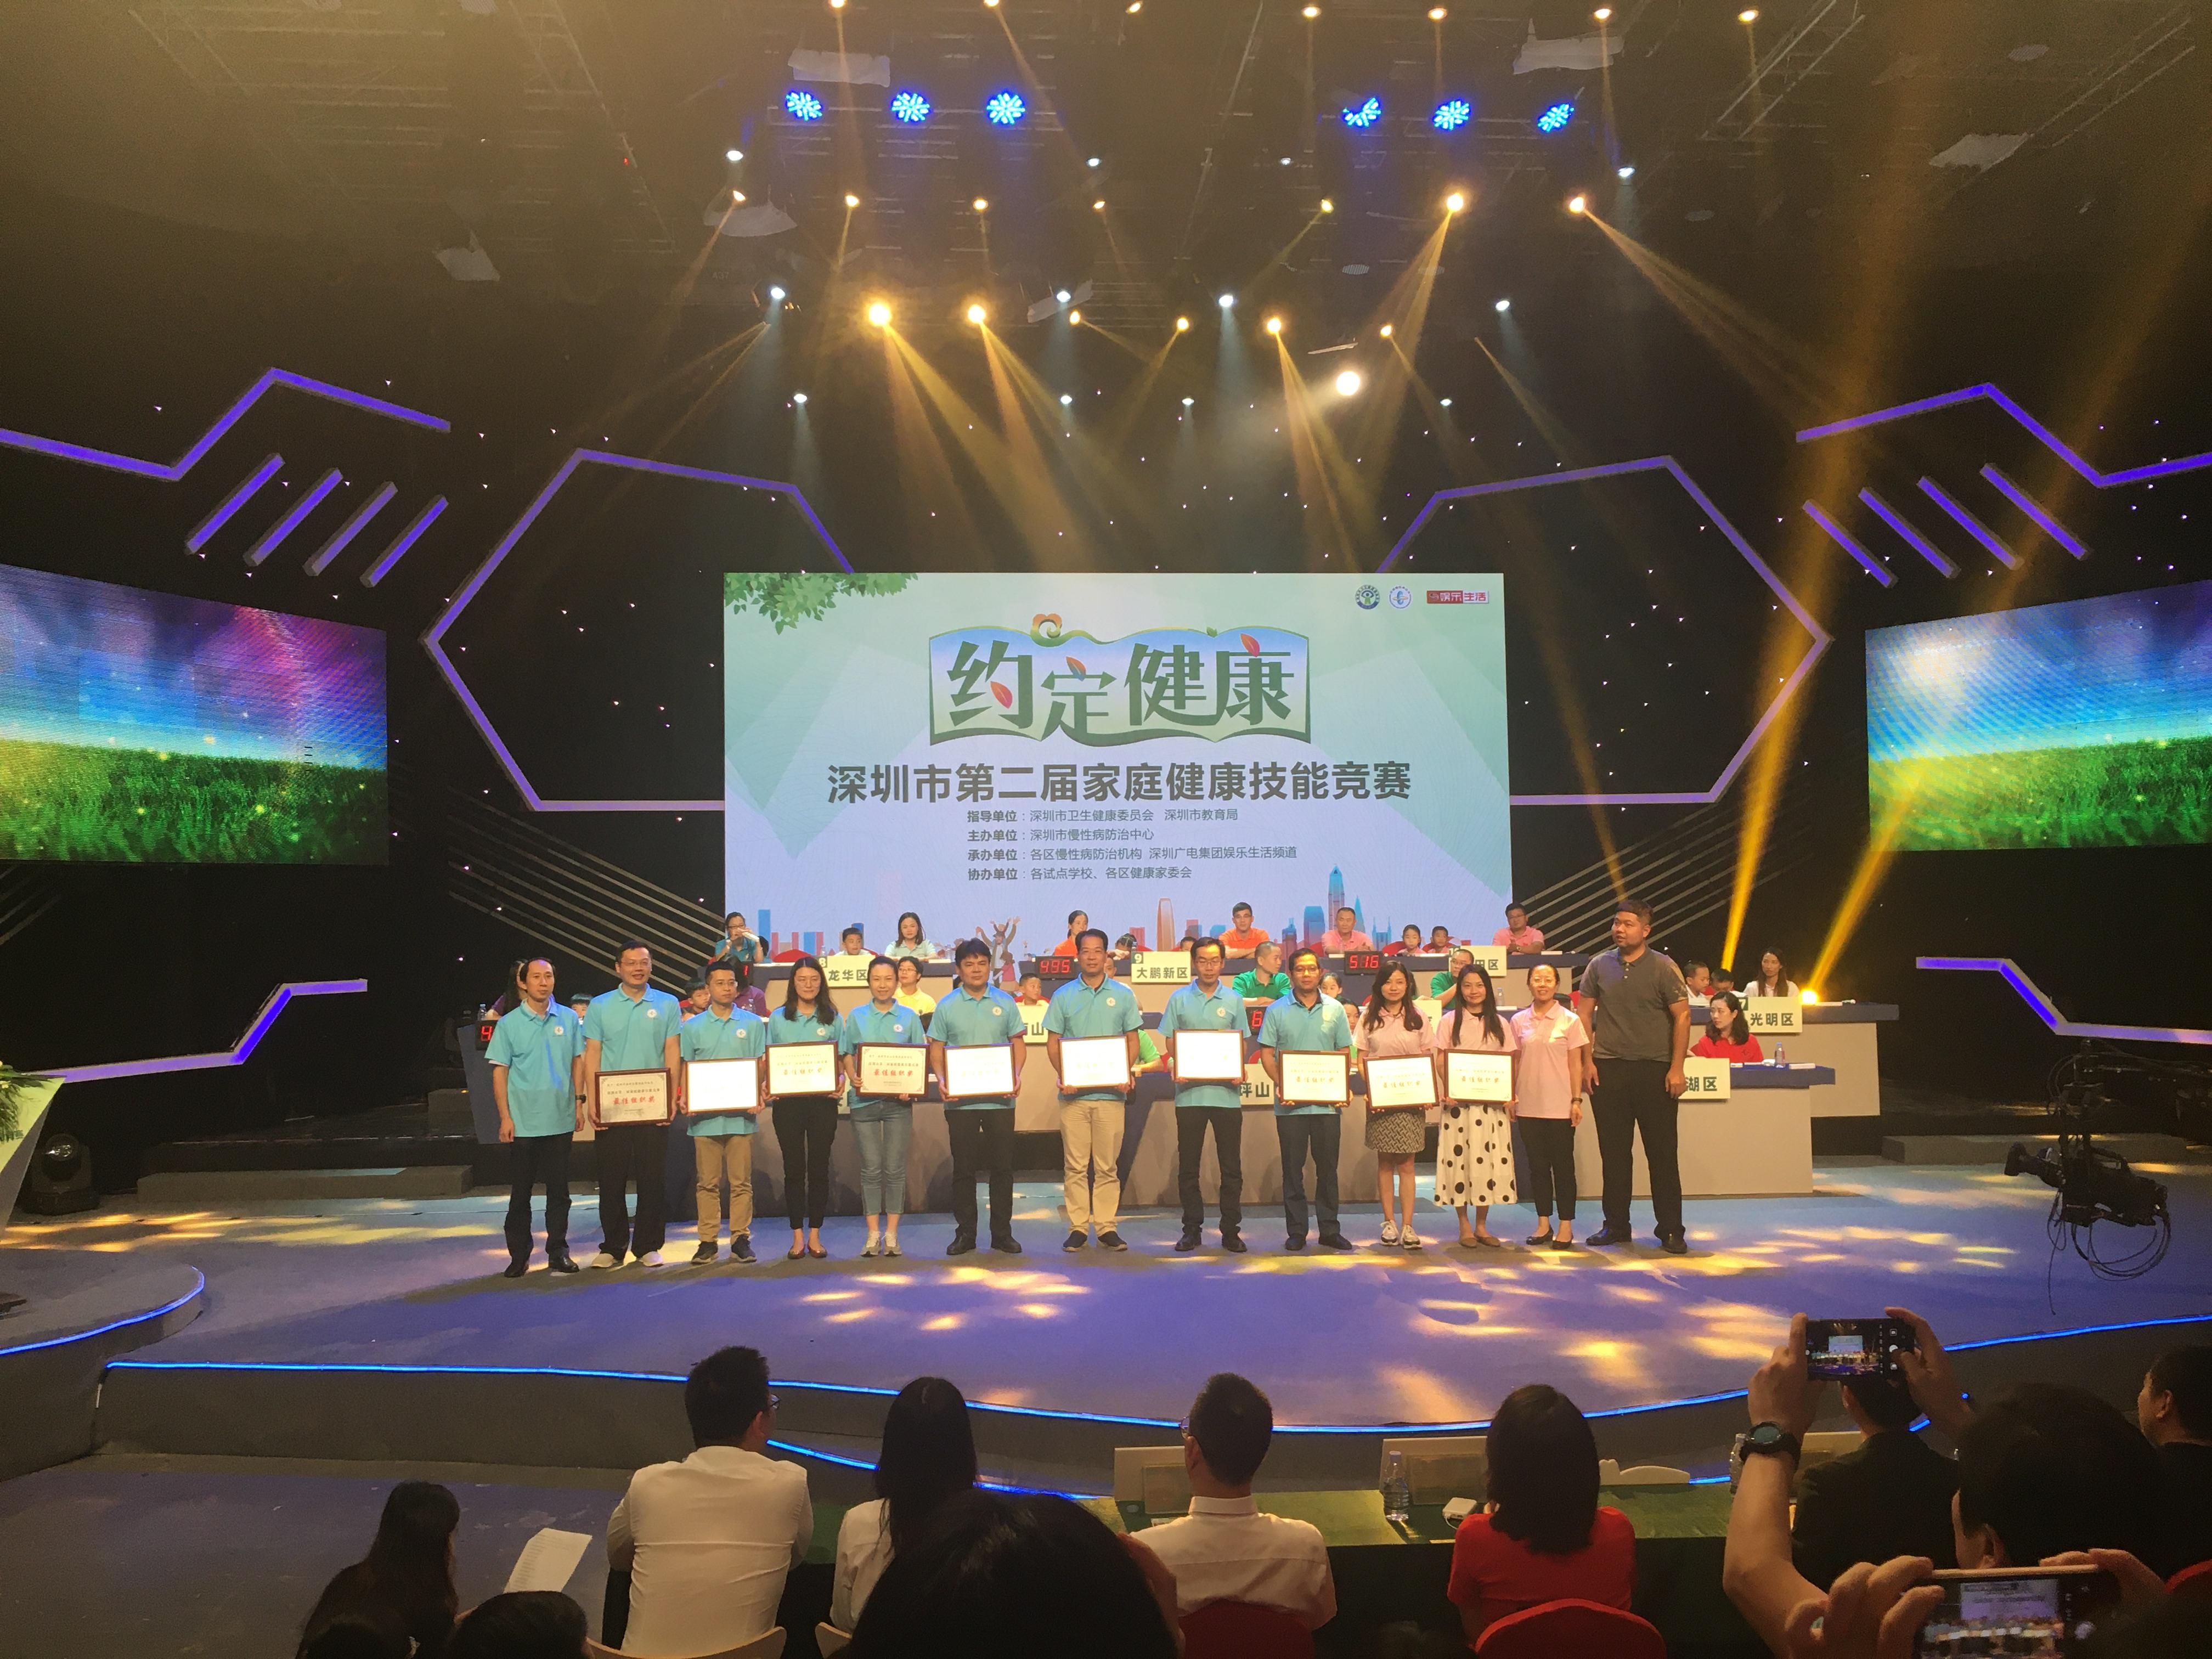 深圳市第二届家庭健康技能竞赛鸣金